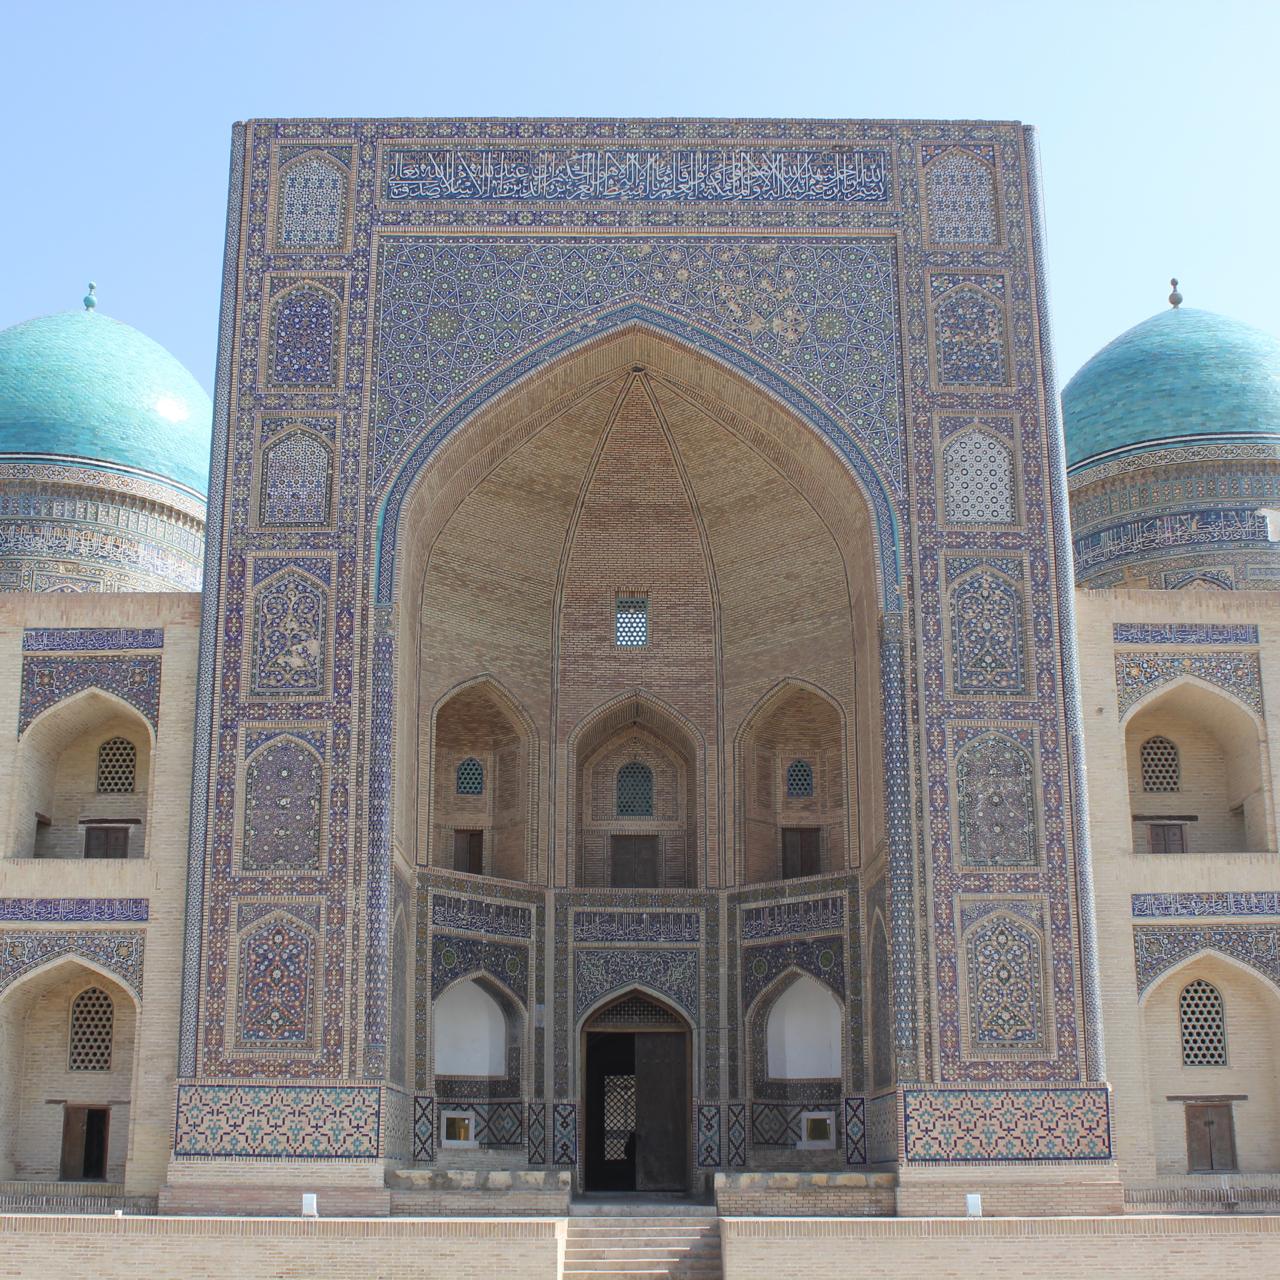 bukhara, uzbekistan - 21